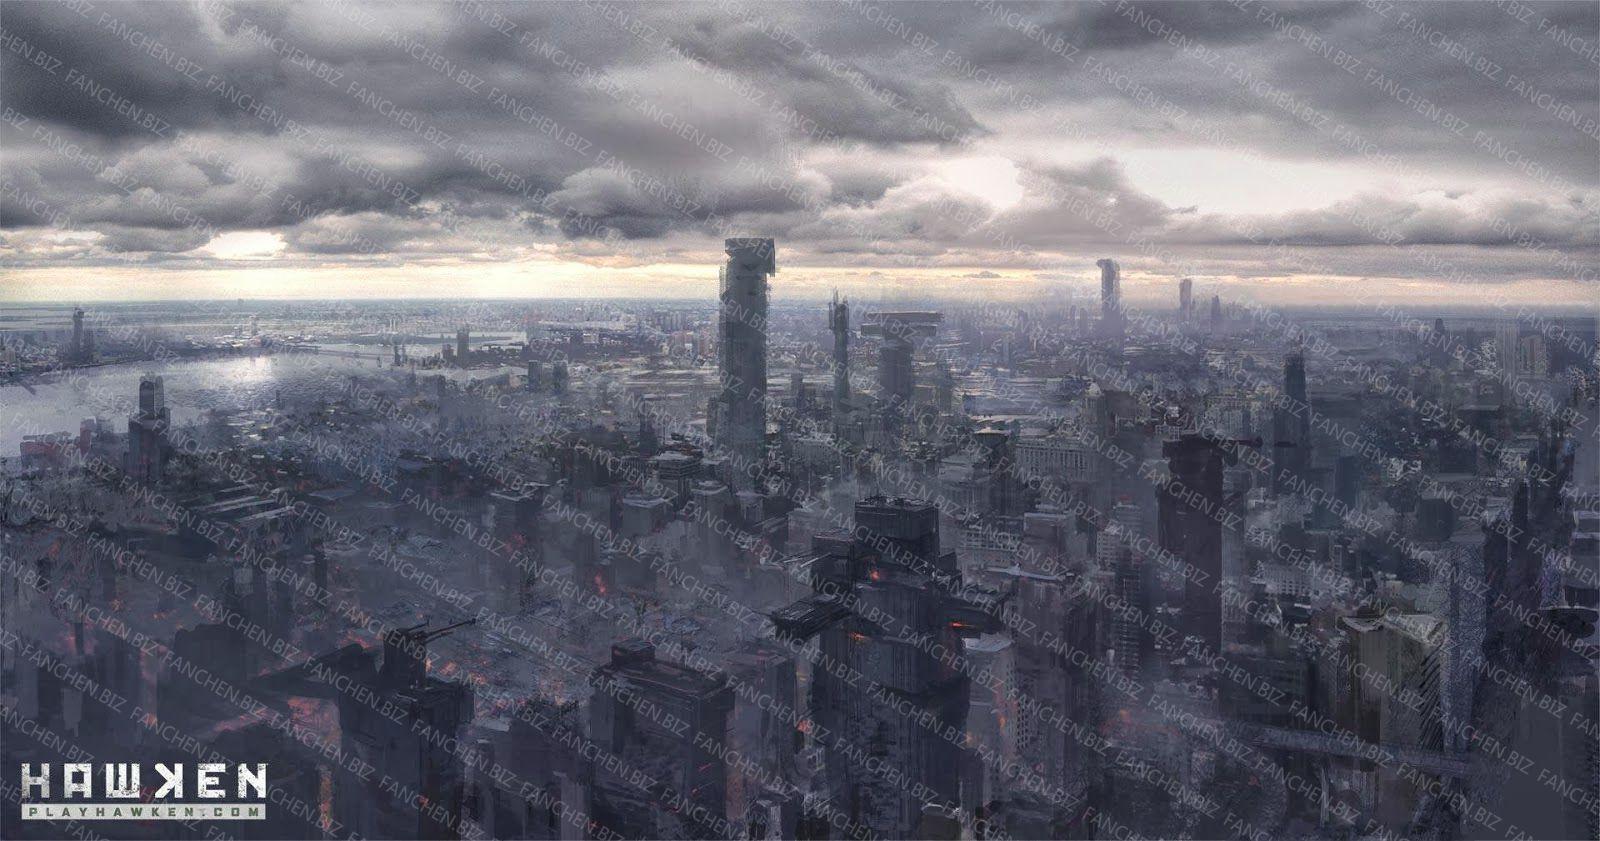 原画视频 大神级画师John Park 全套视频教程合集1-18期 73G-FANCHENBIZ